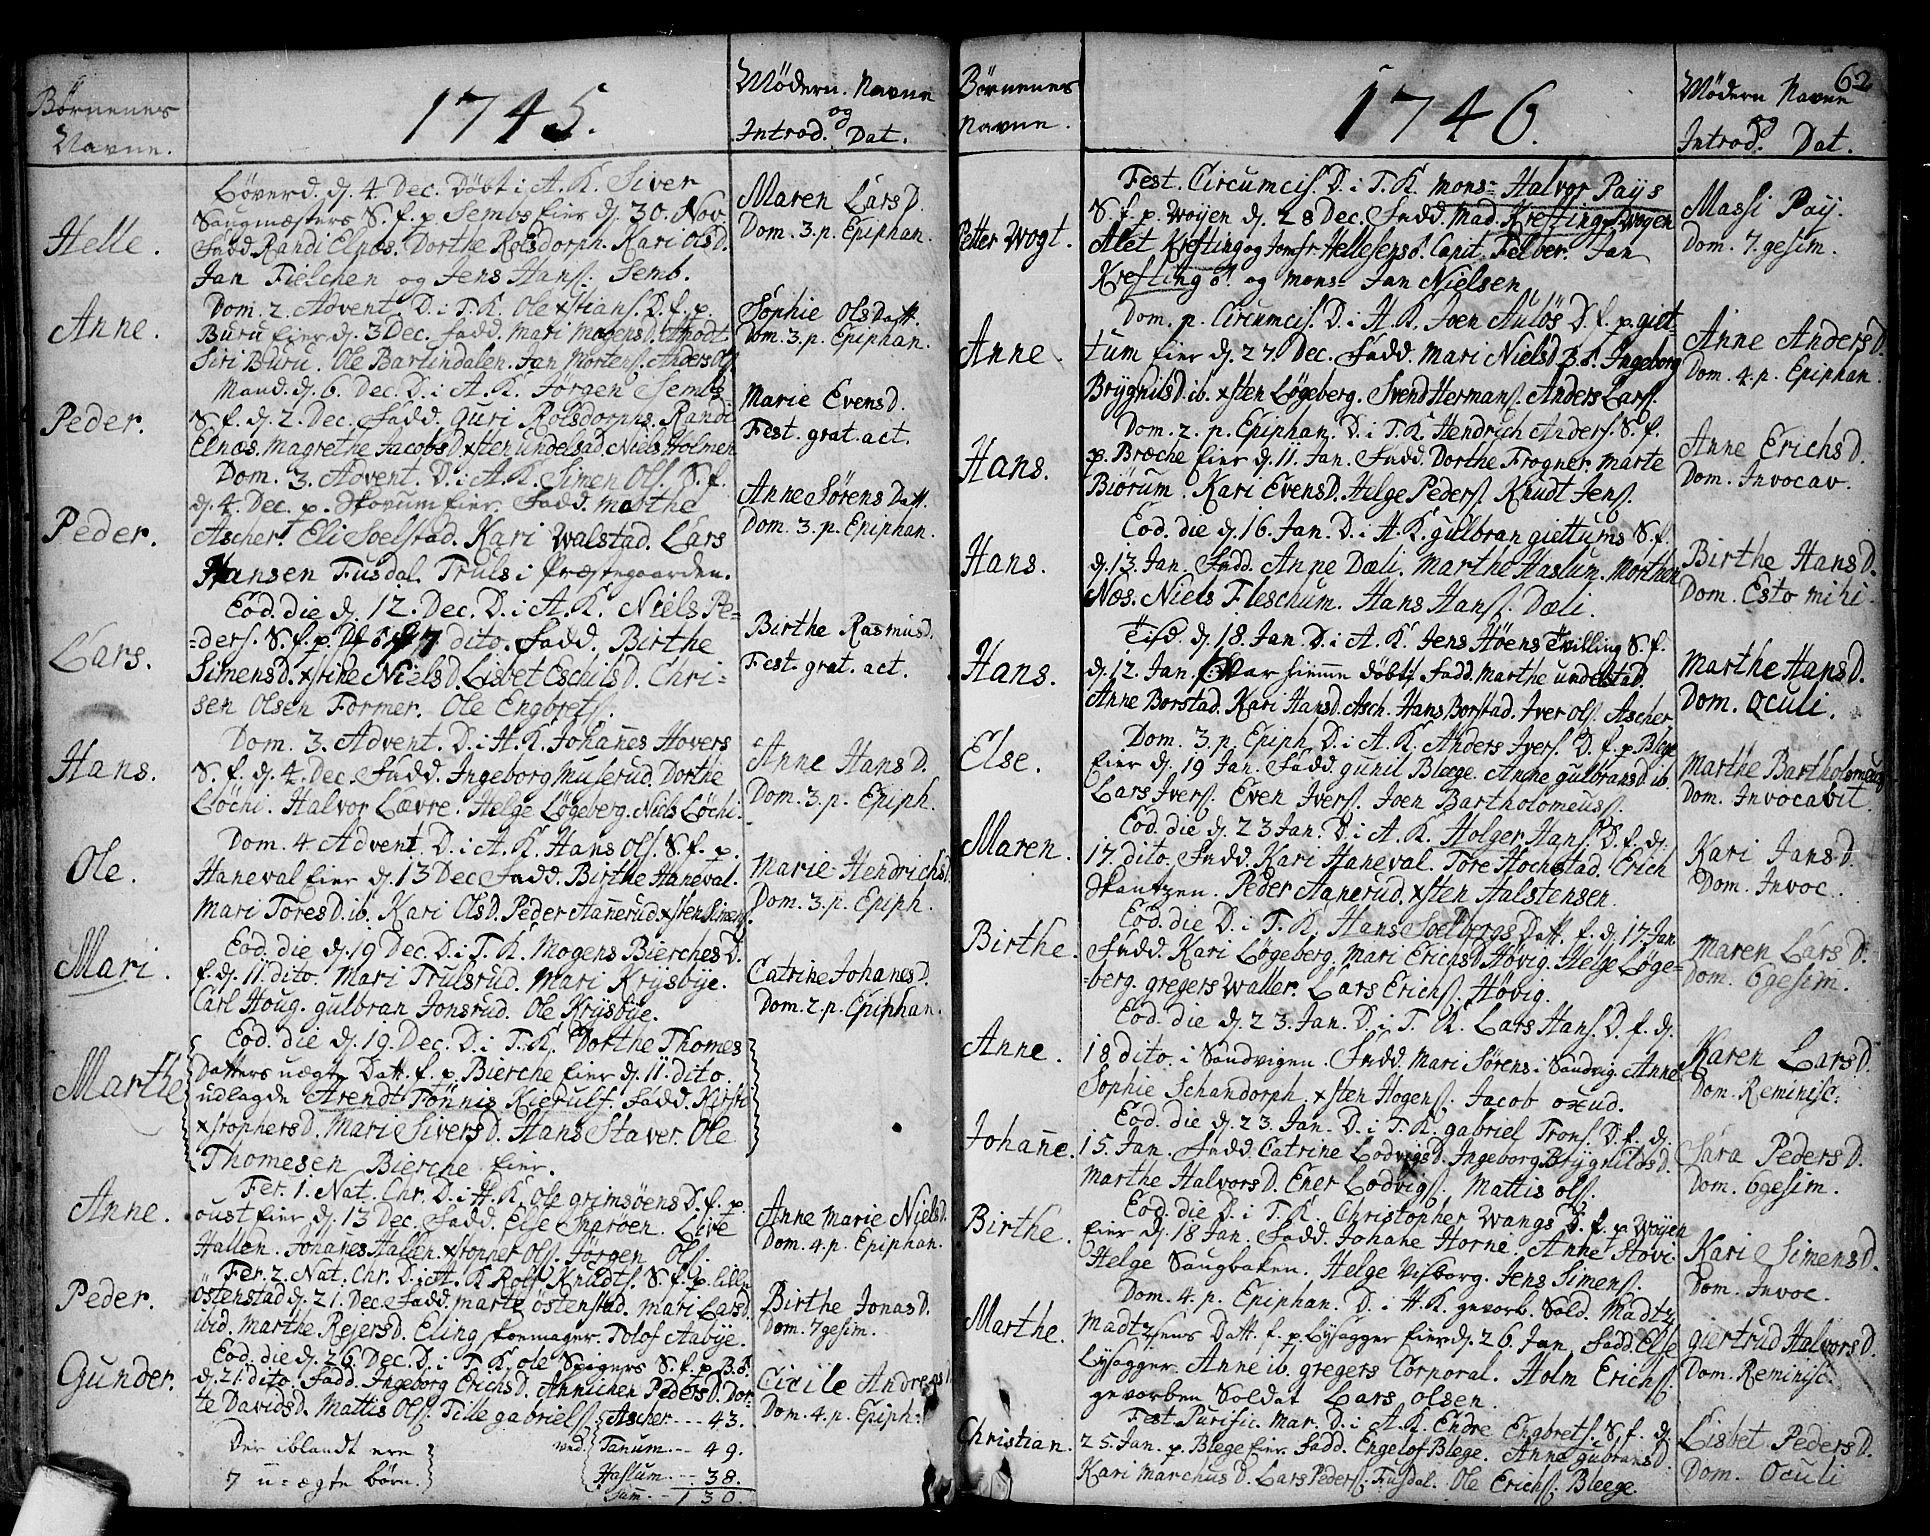 SAO, Asker prestekontor Kirkebøker, F/Fa/L0002: Ministerialbok nr. I 2, 1733-1766, s. 62